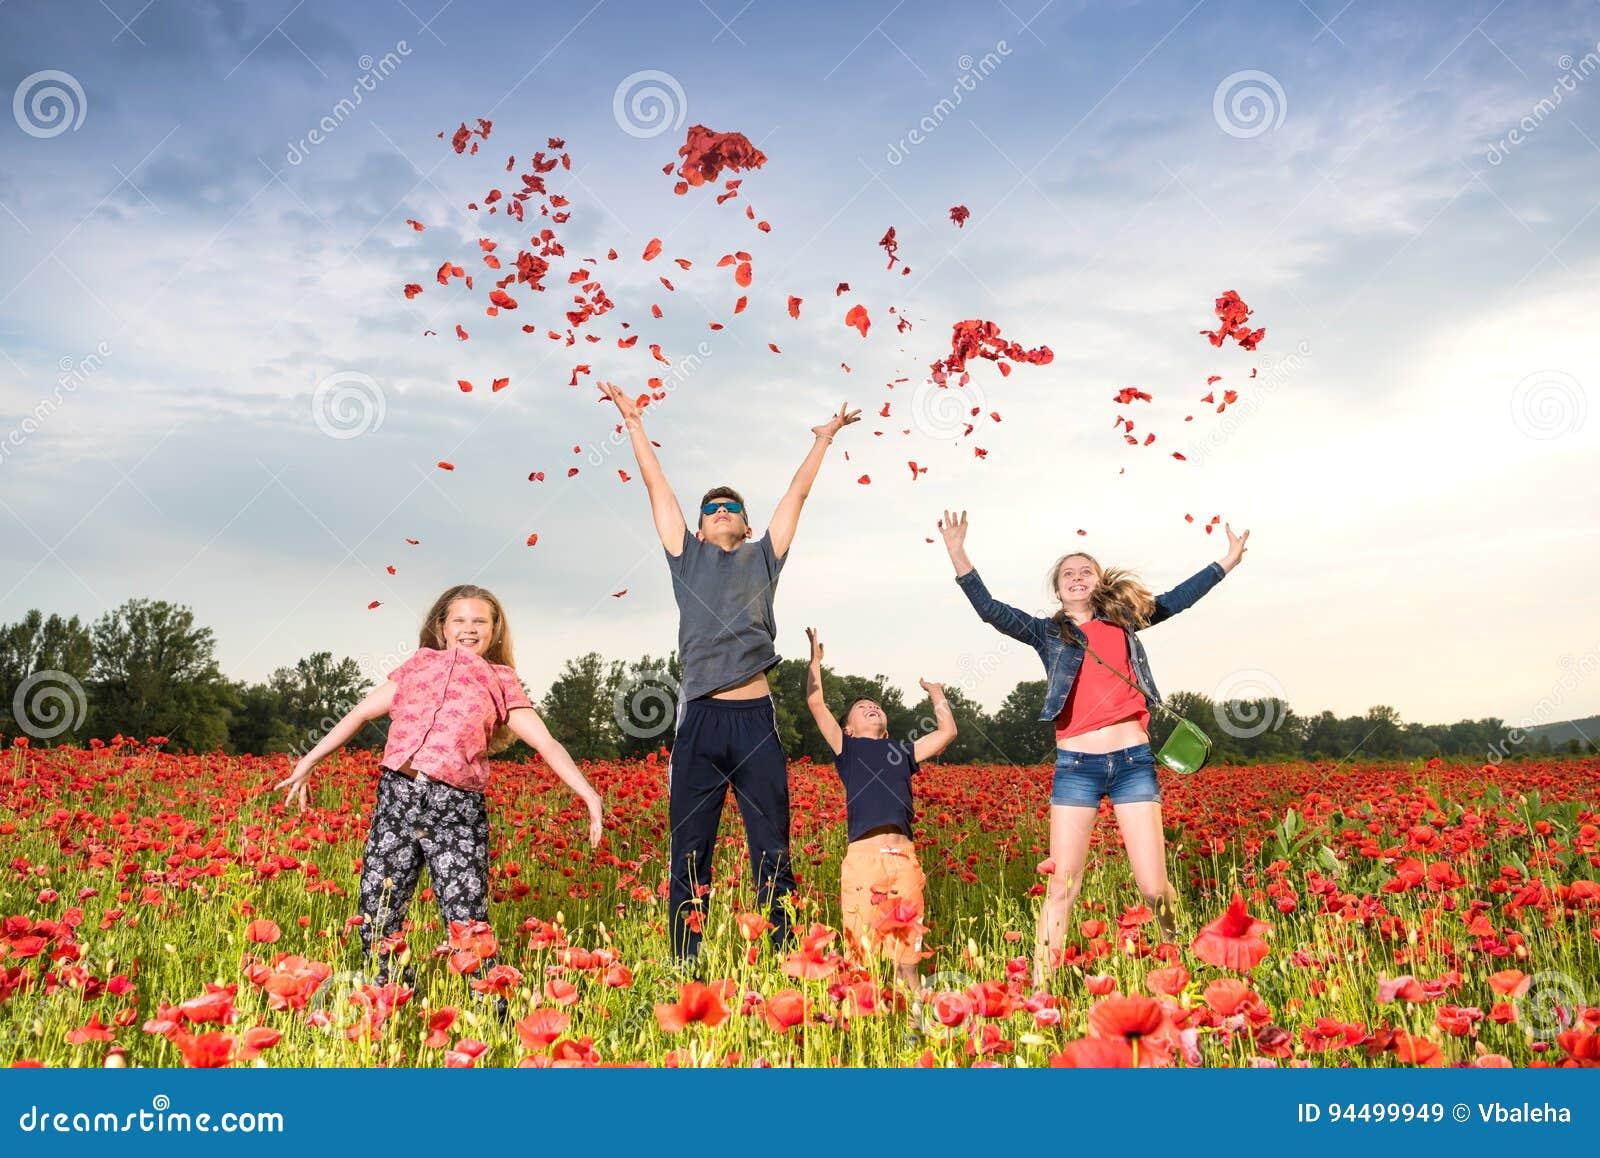 Glückliche Kinder, die Blumenblätter von Mohnblumen springen und werfen